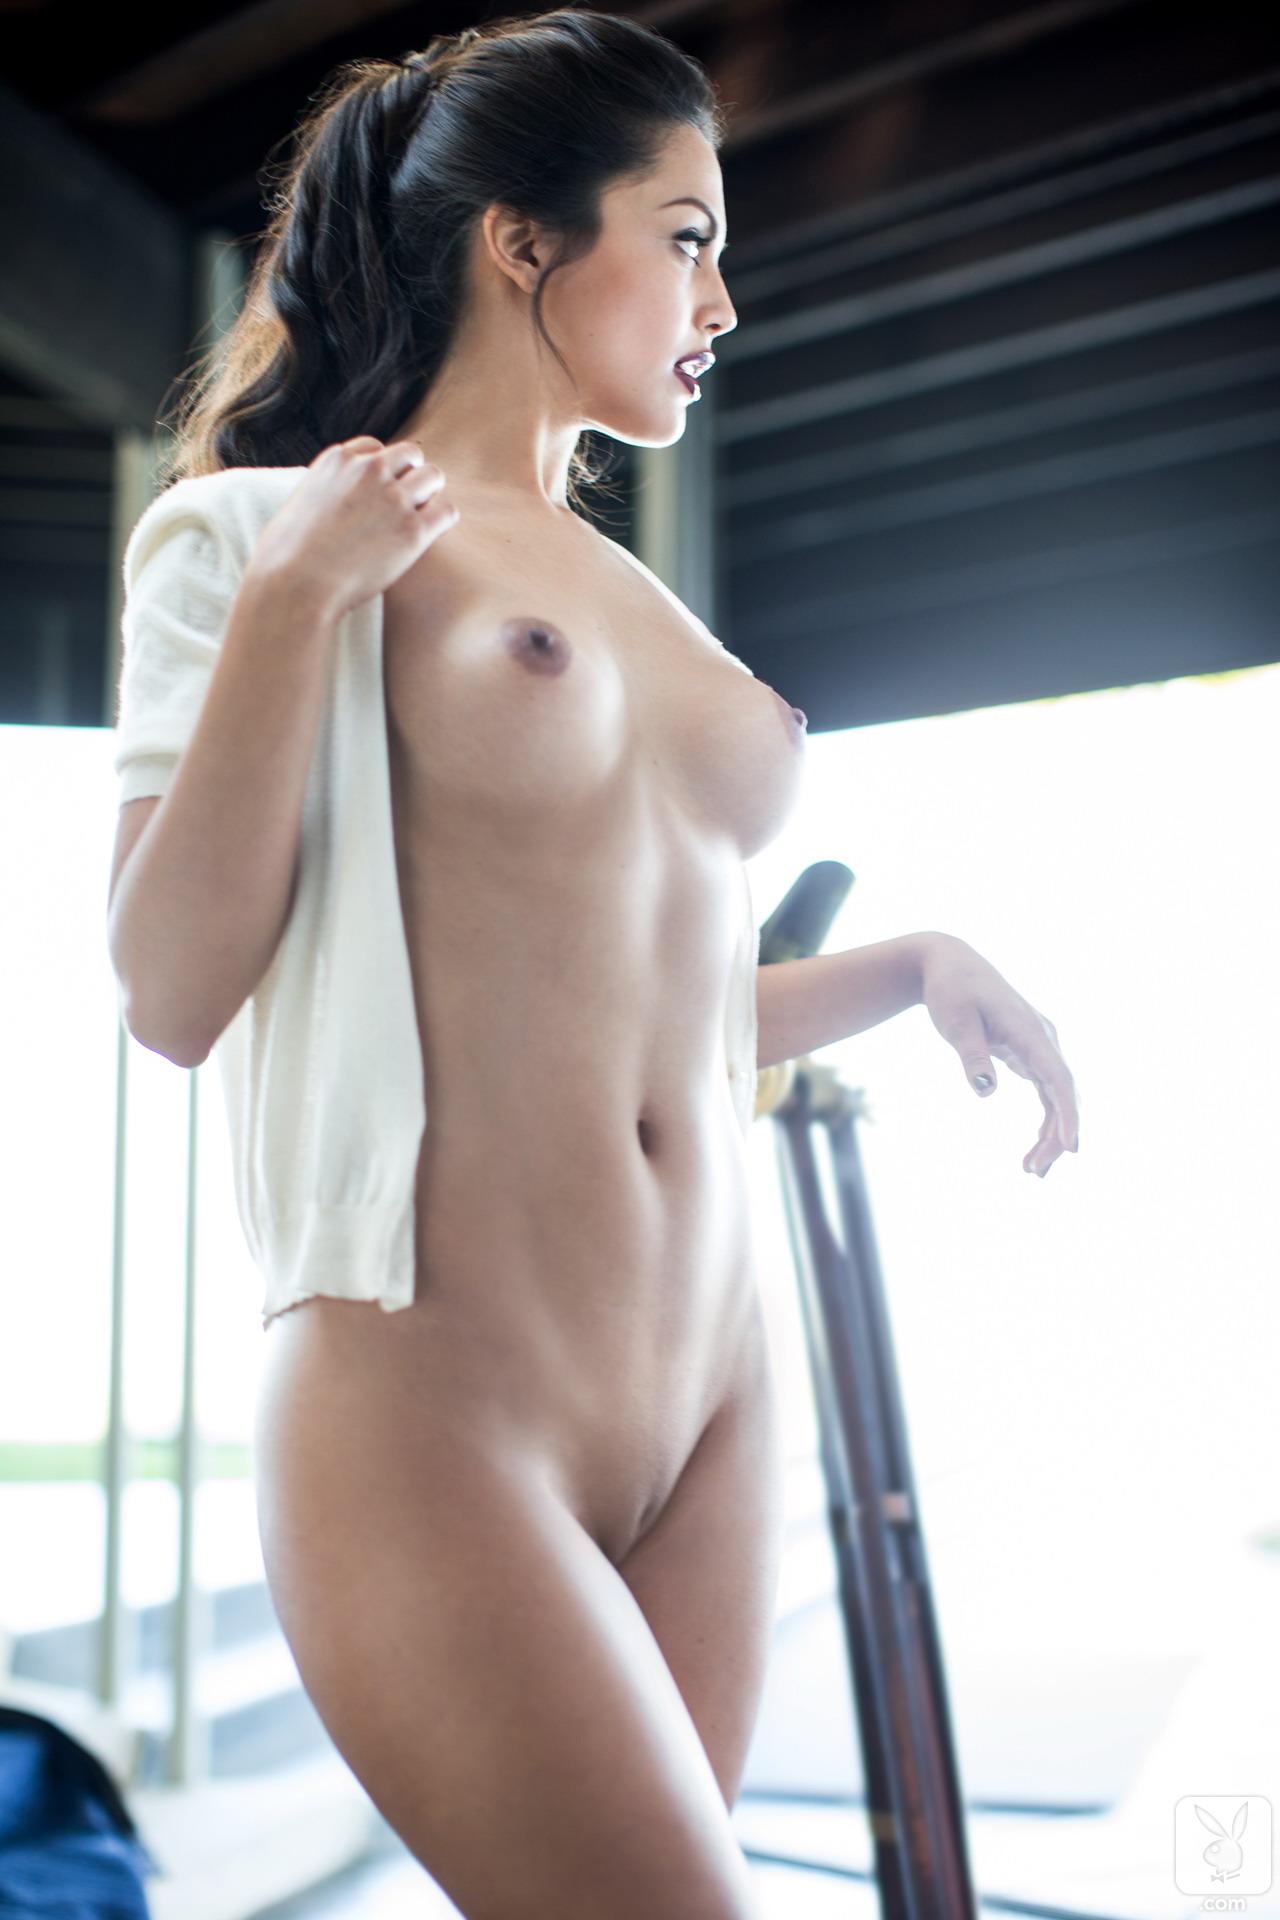 raquel pomplun nude